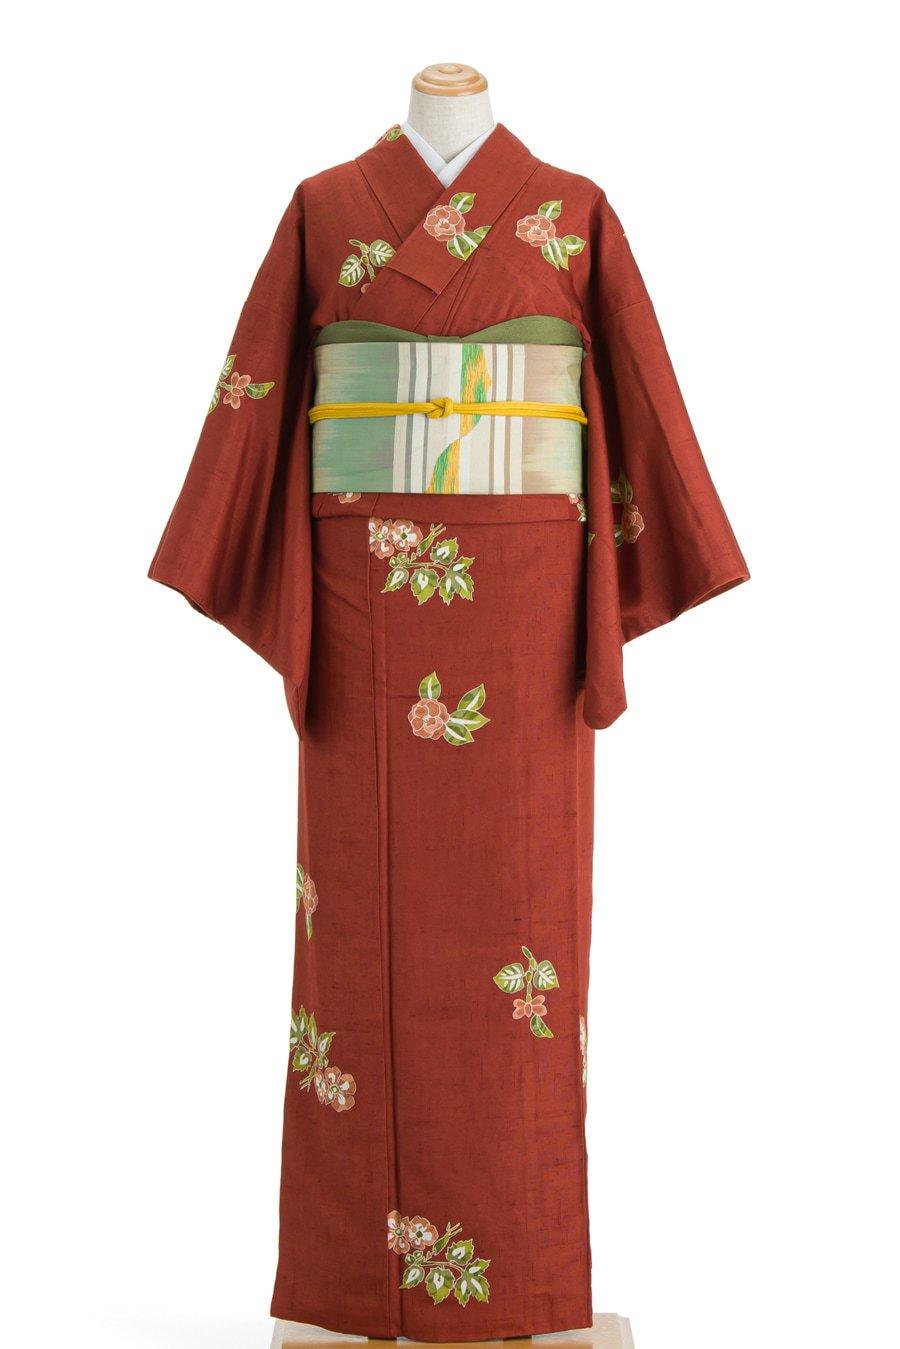 「染紬 赤茶地に花」の商品画像